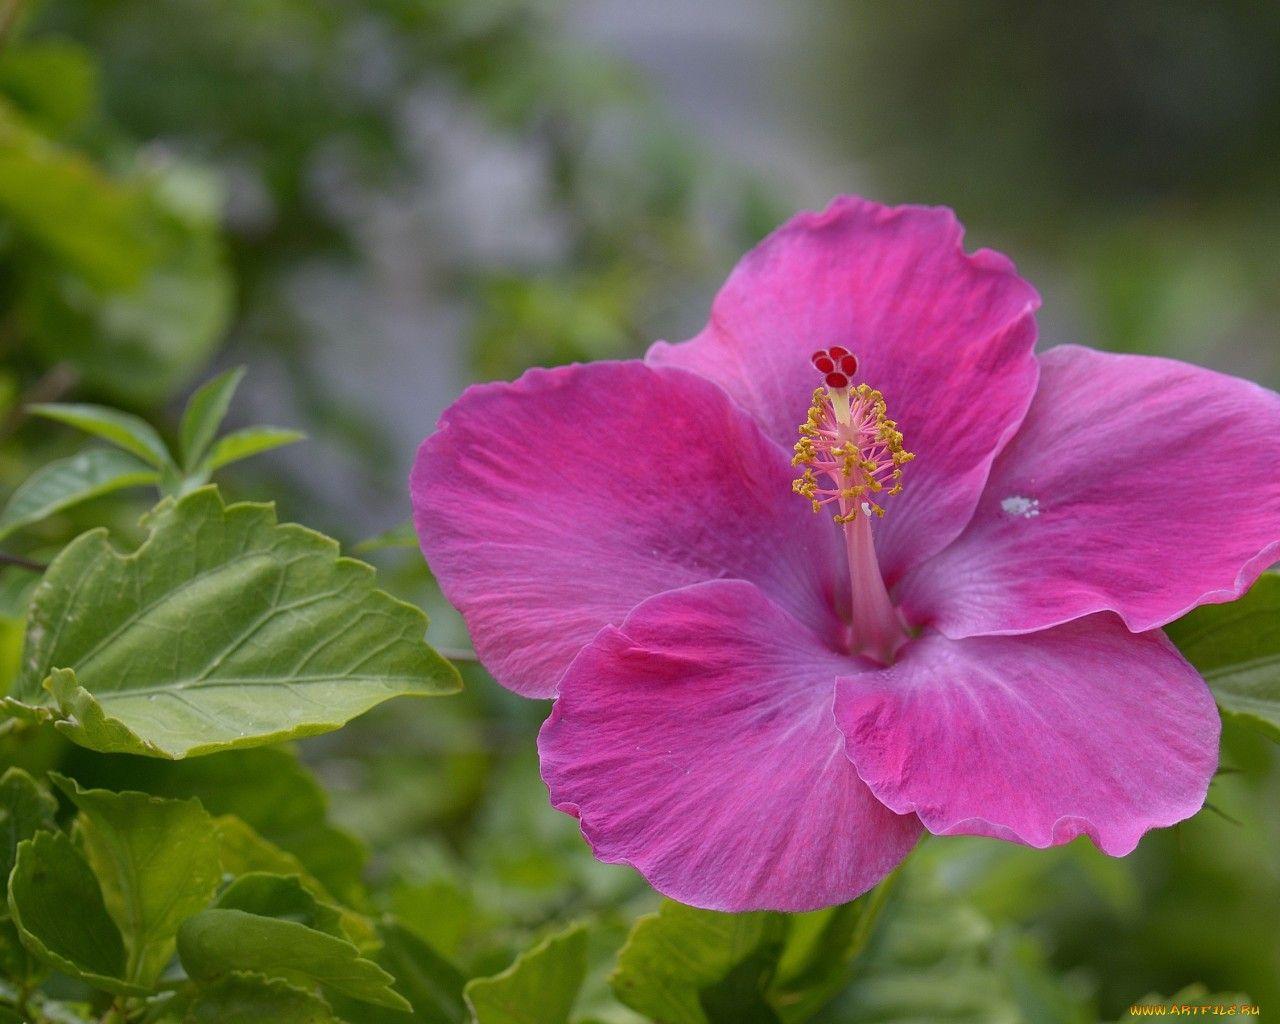 Классные картинки на рабочий стол октябрь цветы (1)